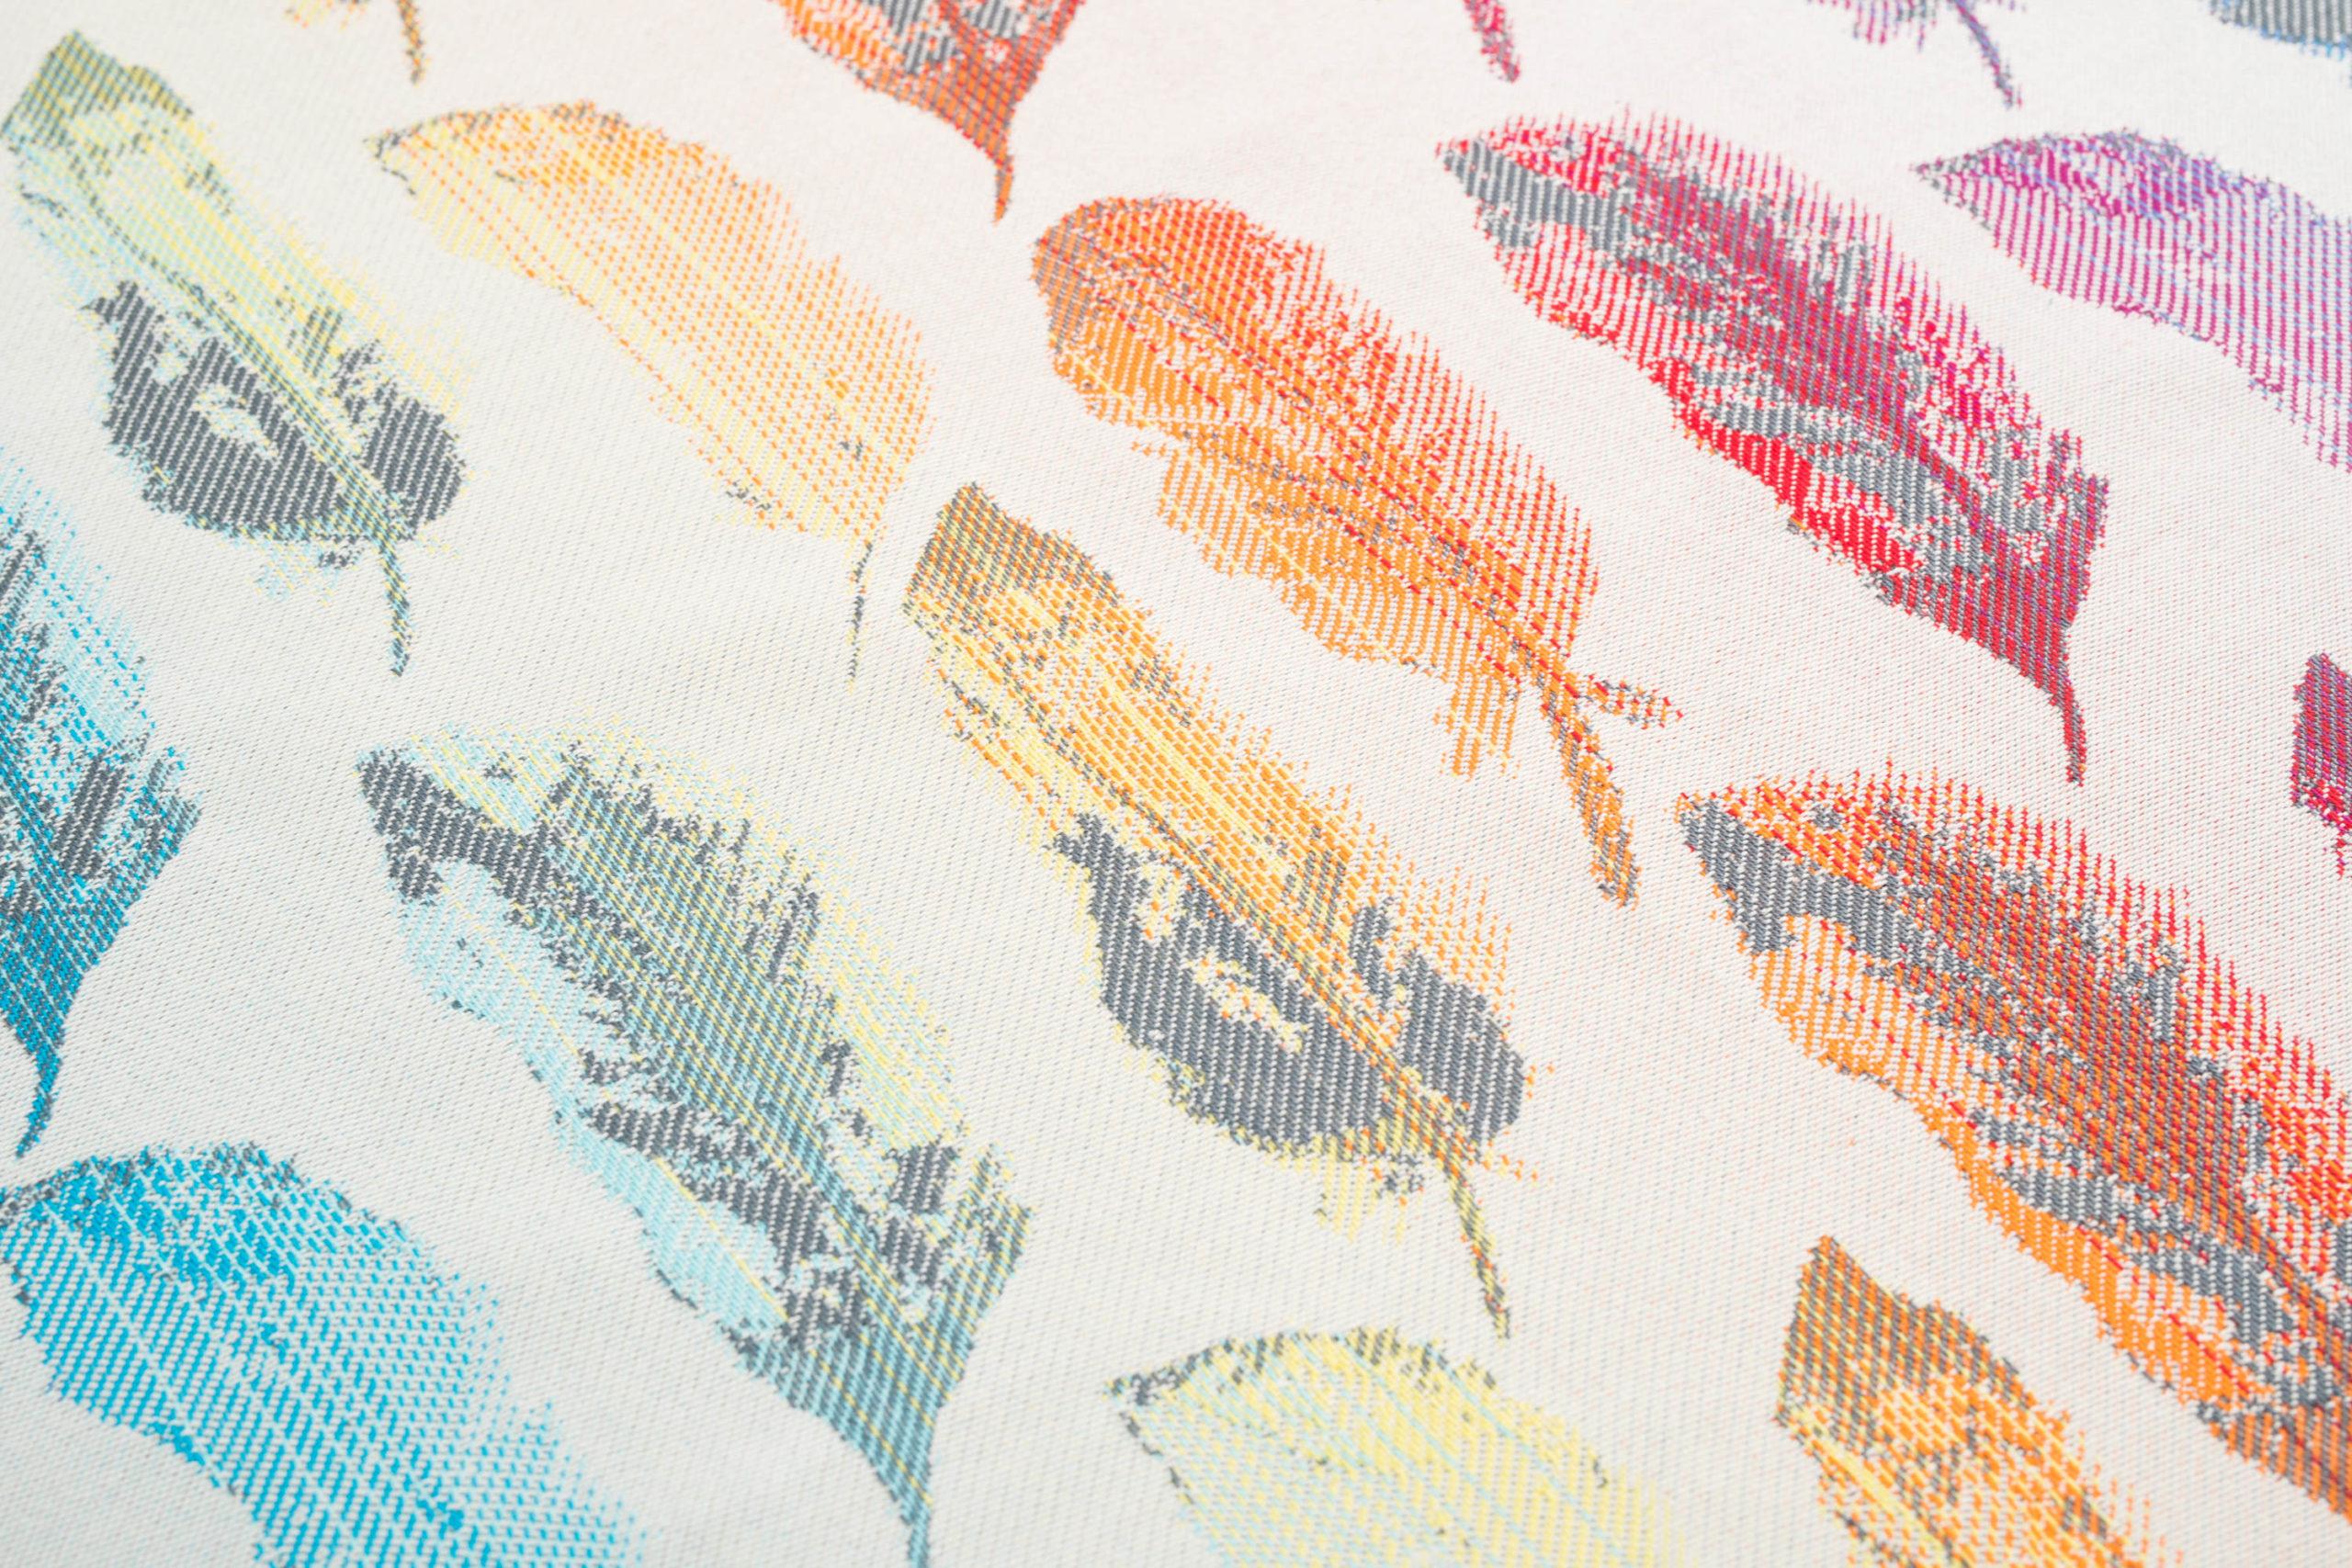 Mr X Fullbuckle - Painted Feathers Rainbow Light